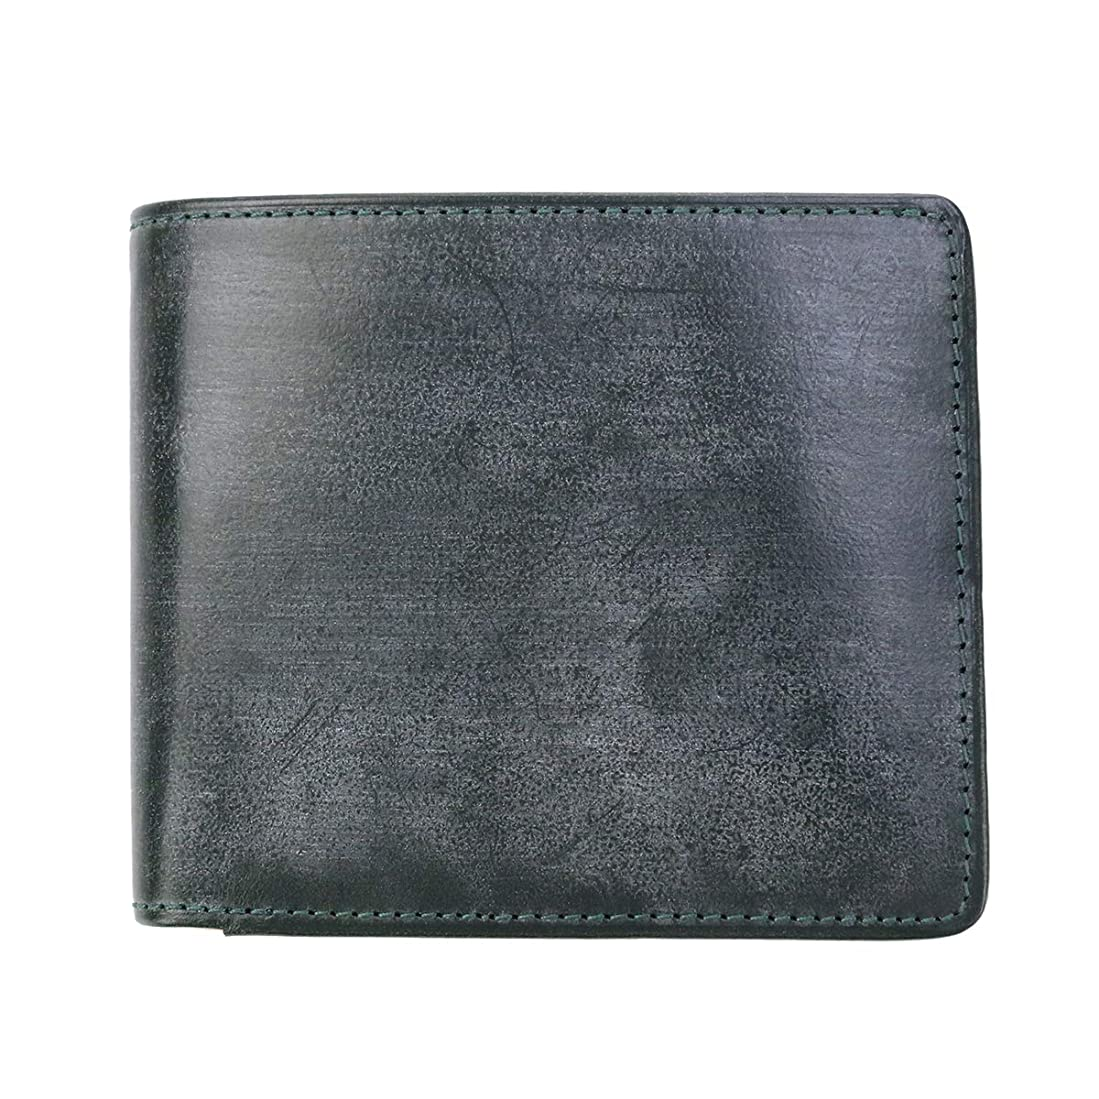 鉱夫爆発物個性[ダコタブラックレーベル] 二つ折り財布 本革 ロバスト 0627400 メンズ